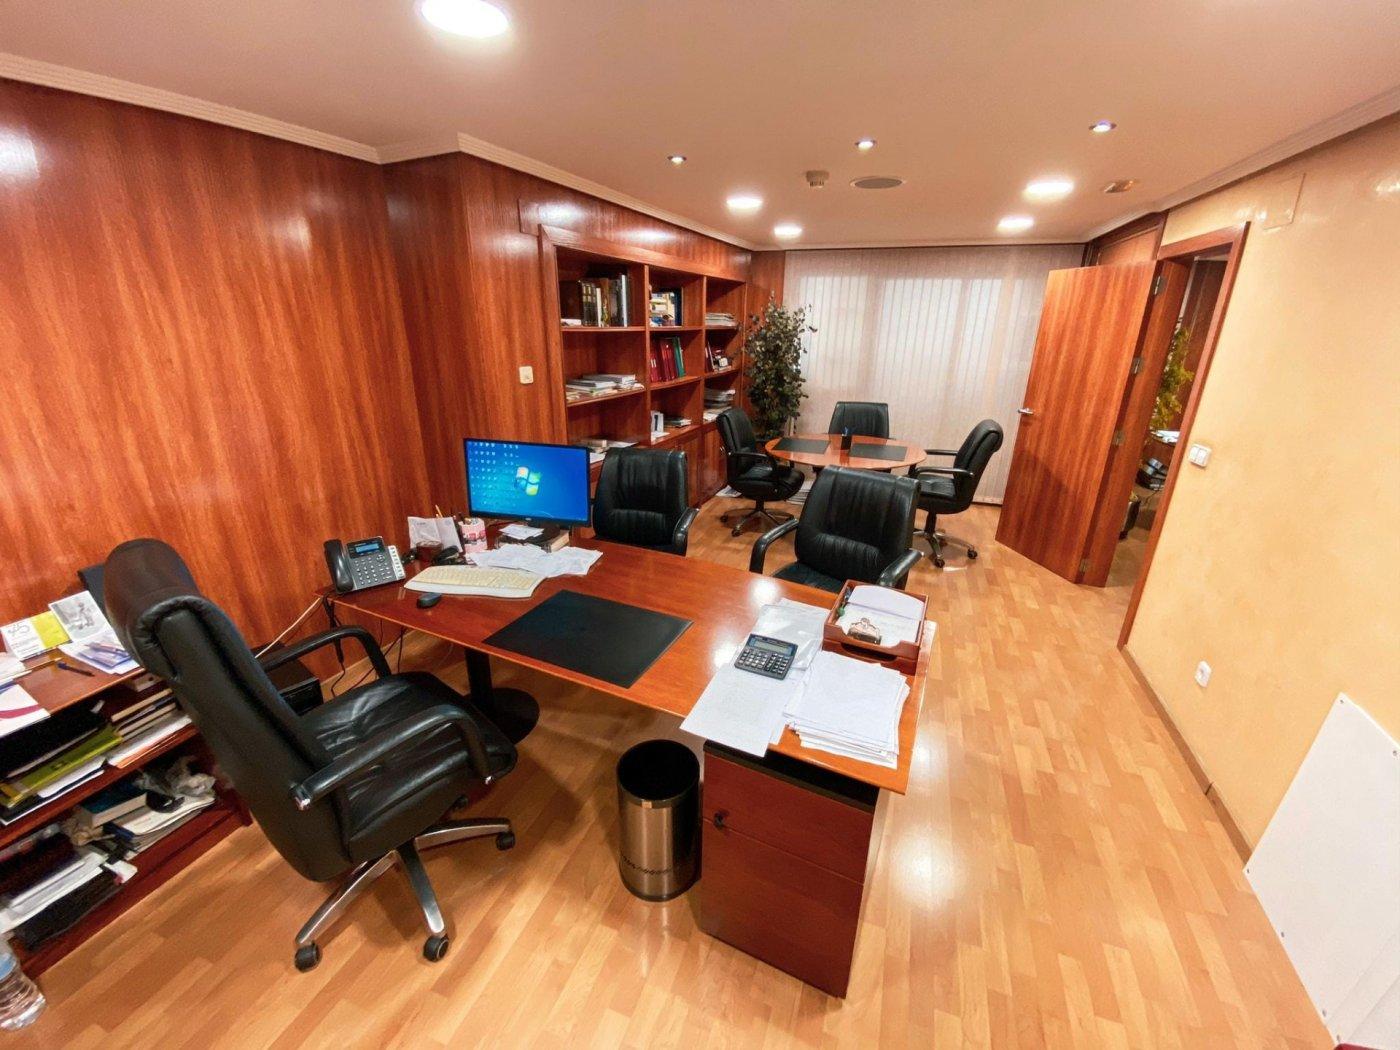 Imagen 4 de Oficina en alquiler